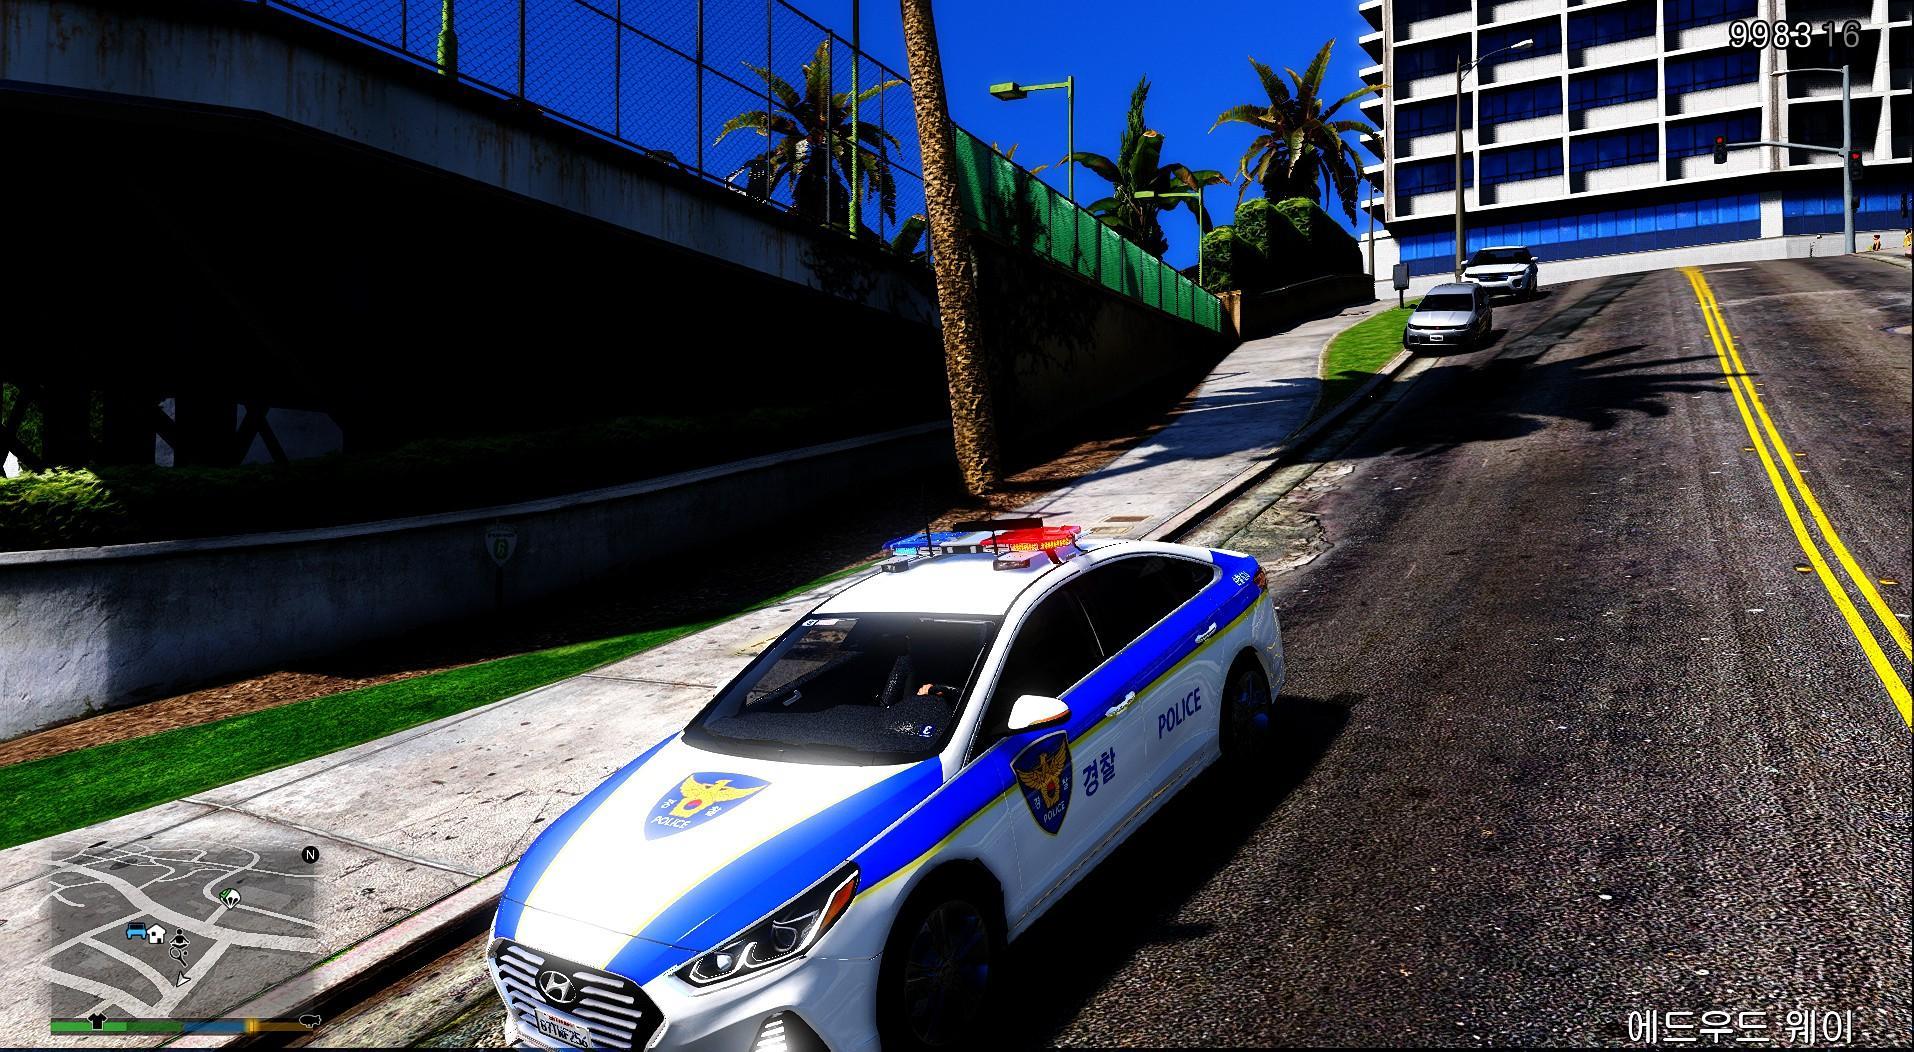 Hyundai Sonata Police Car >> HYUNDAI SONATA-SOUTH KOREA POLICE/현대 소나타 뉴라이즈 경찰 - GTA5-Mods.com